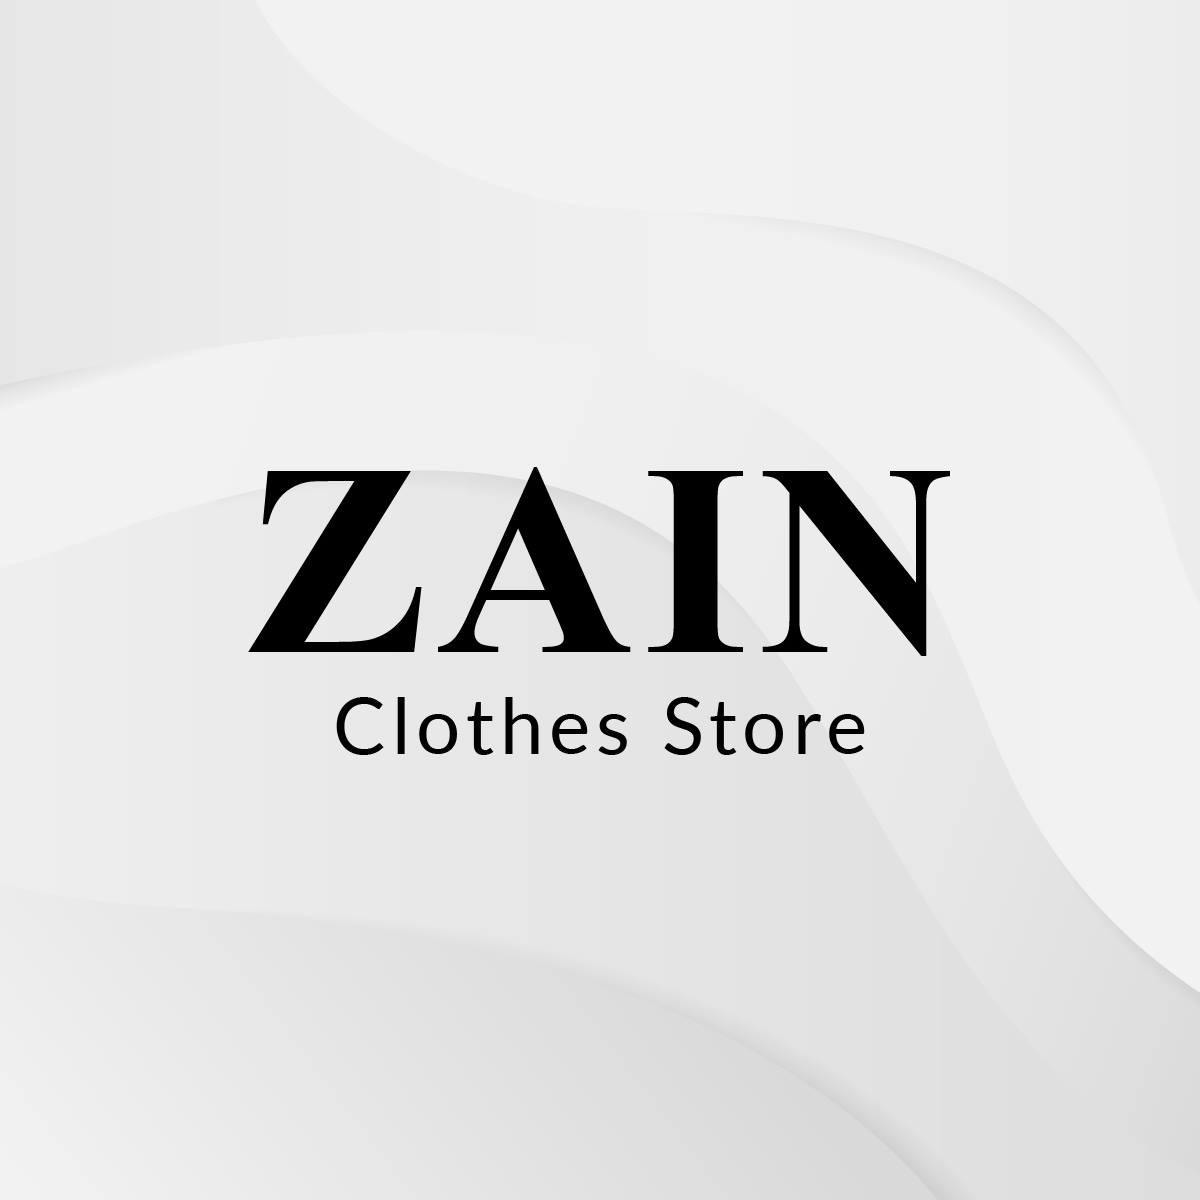 زين للملابس الجاهزة Zain